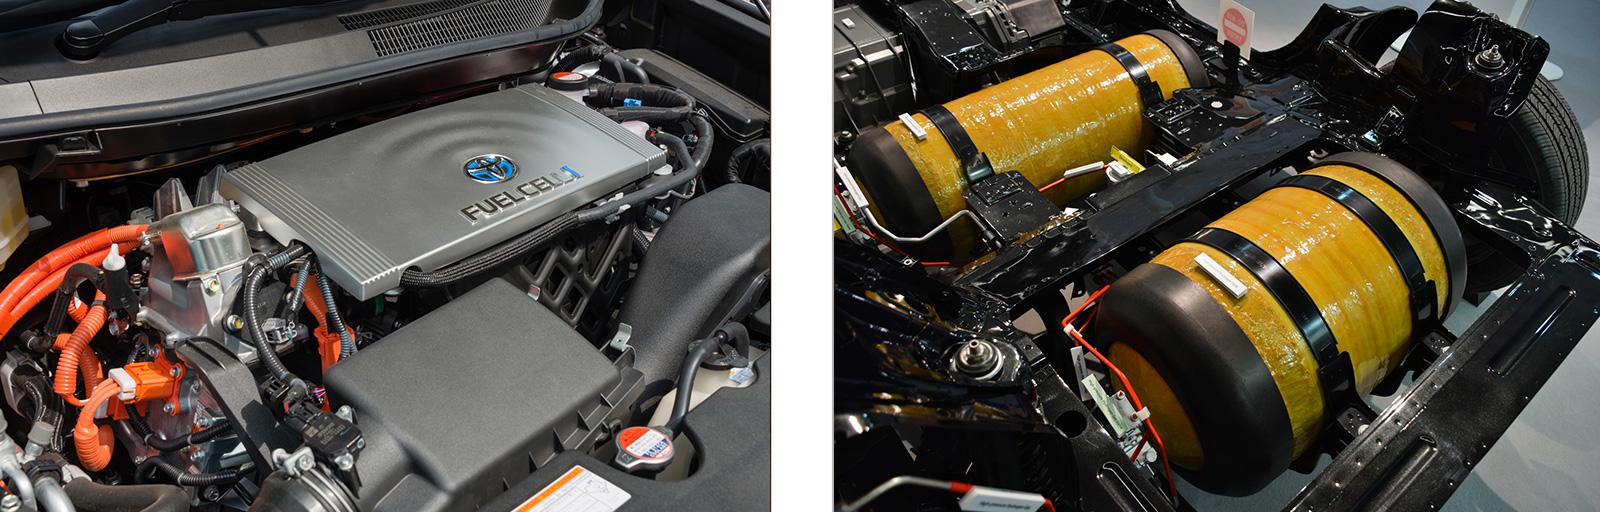 Bild links: Brennstoffzelle in einem Toyota Mirai        Rechts: Wasserstofftanks im Auto